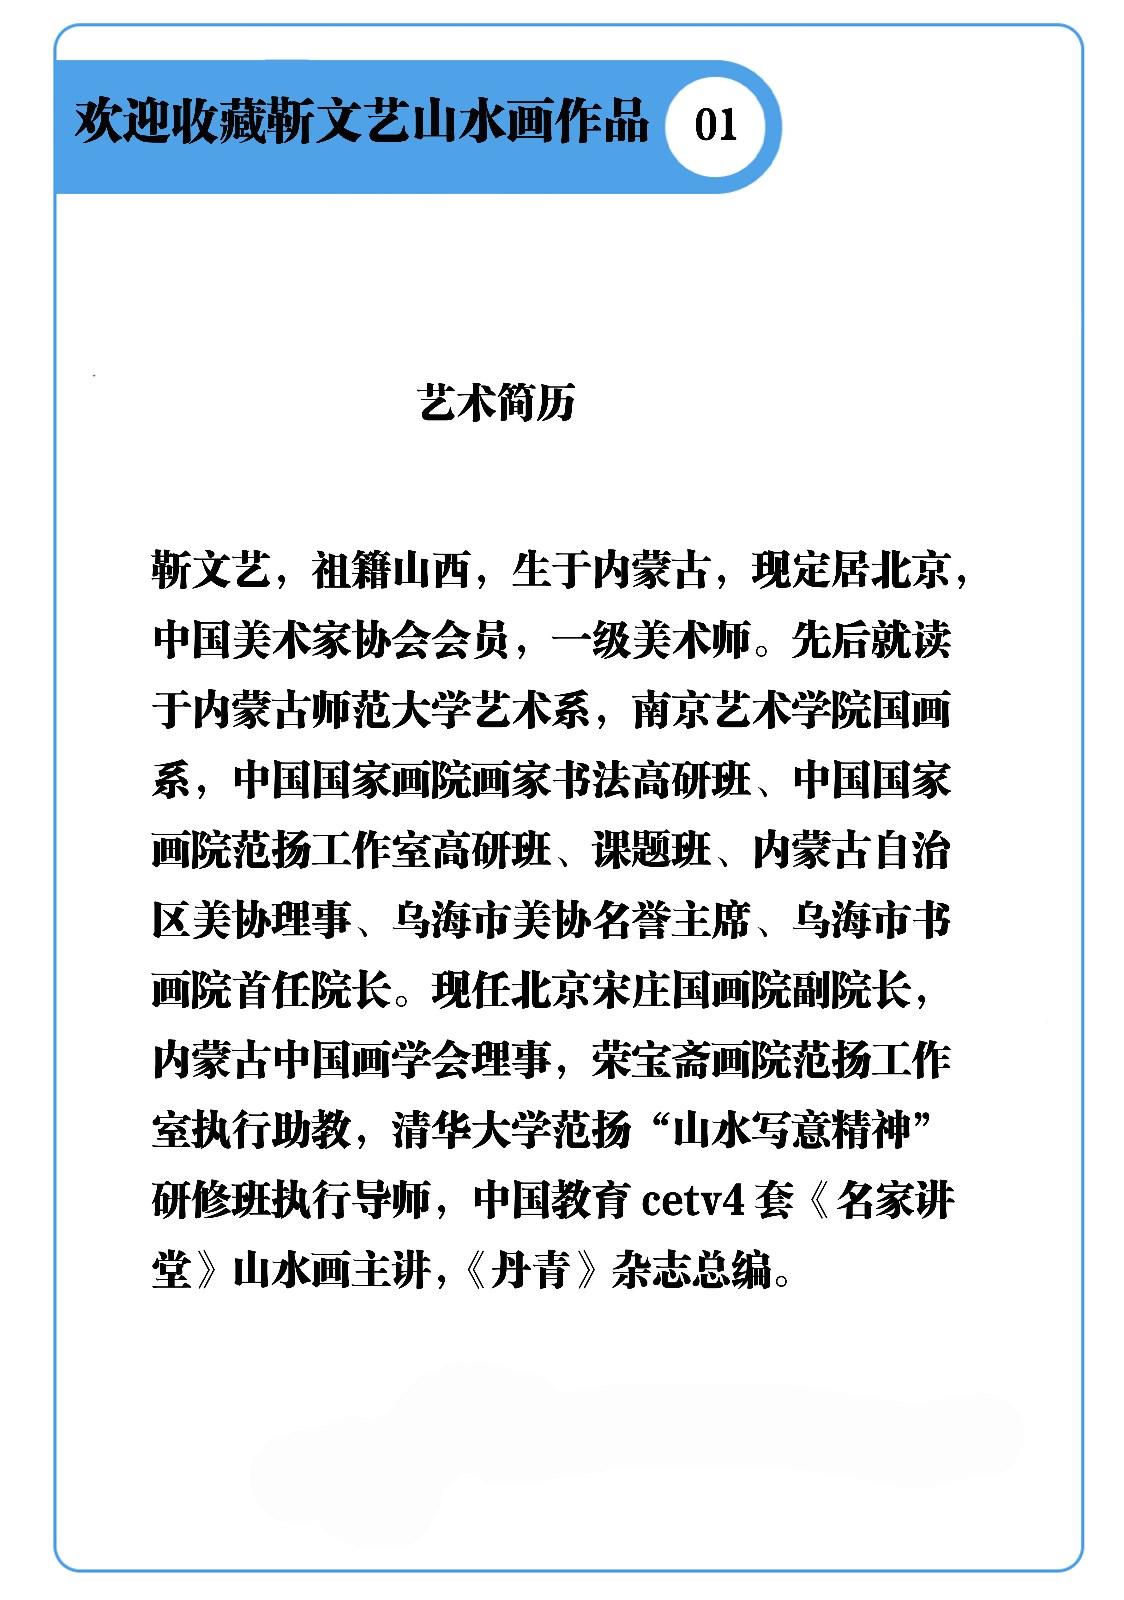 国画导师靳文艺先生作品   欢迎关注分享收藏_图1-2